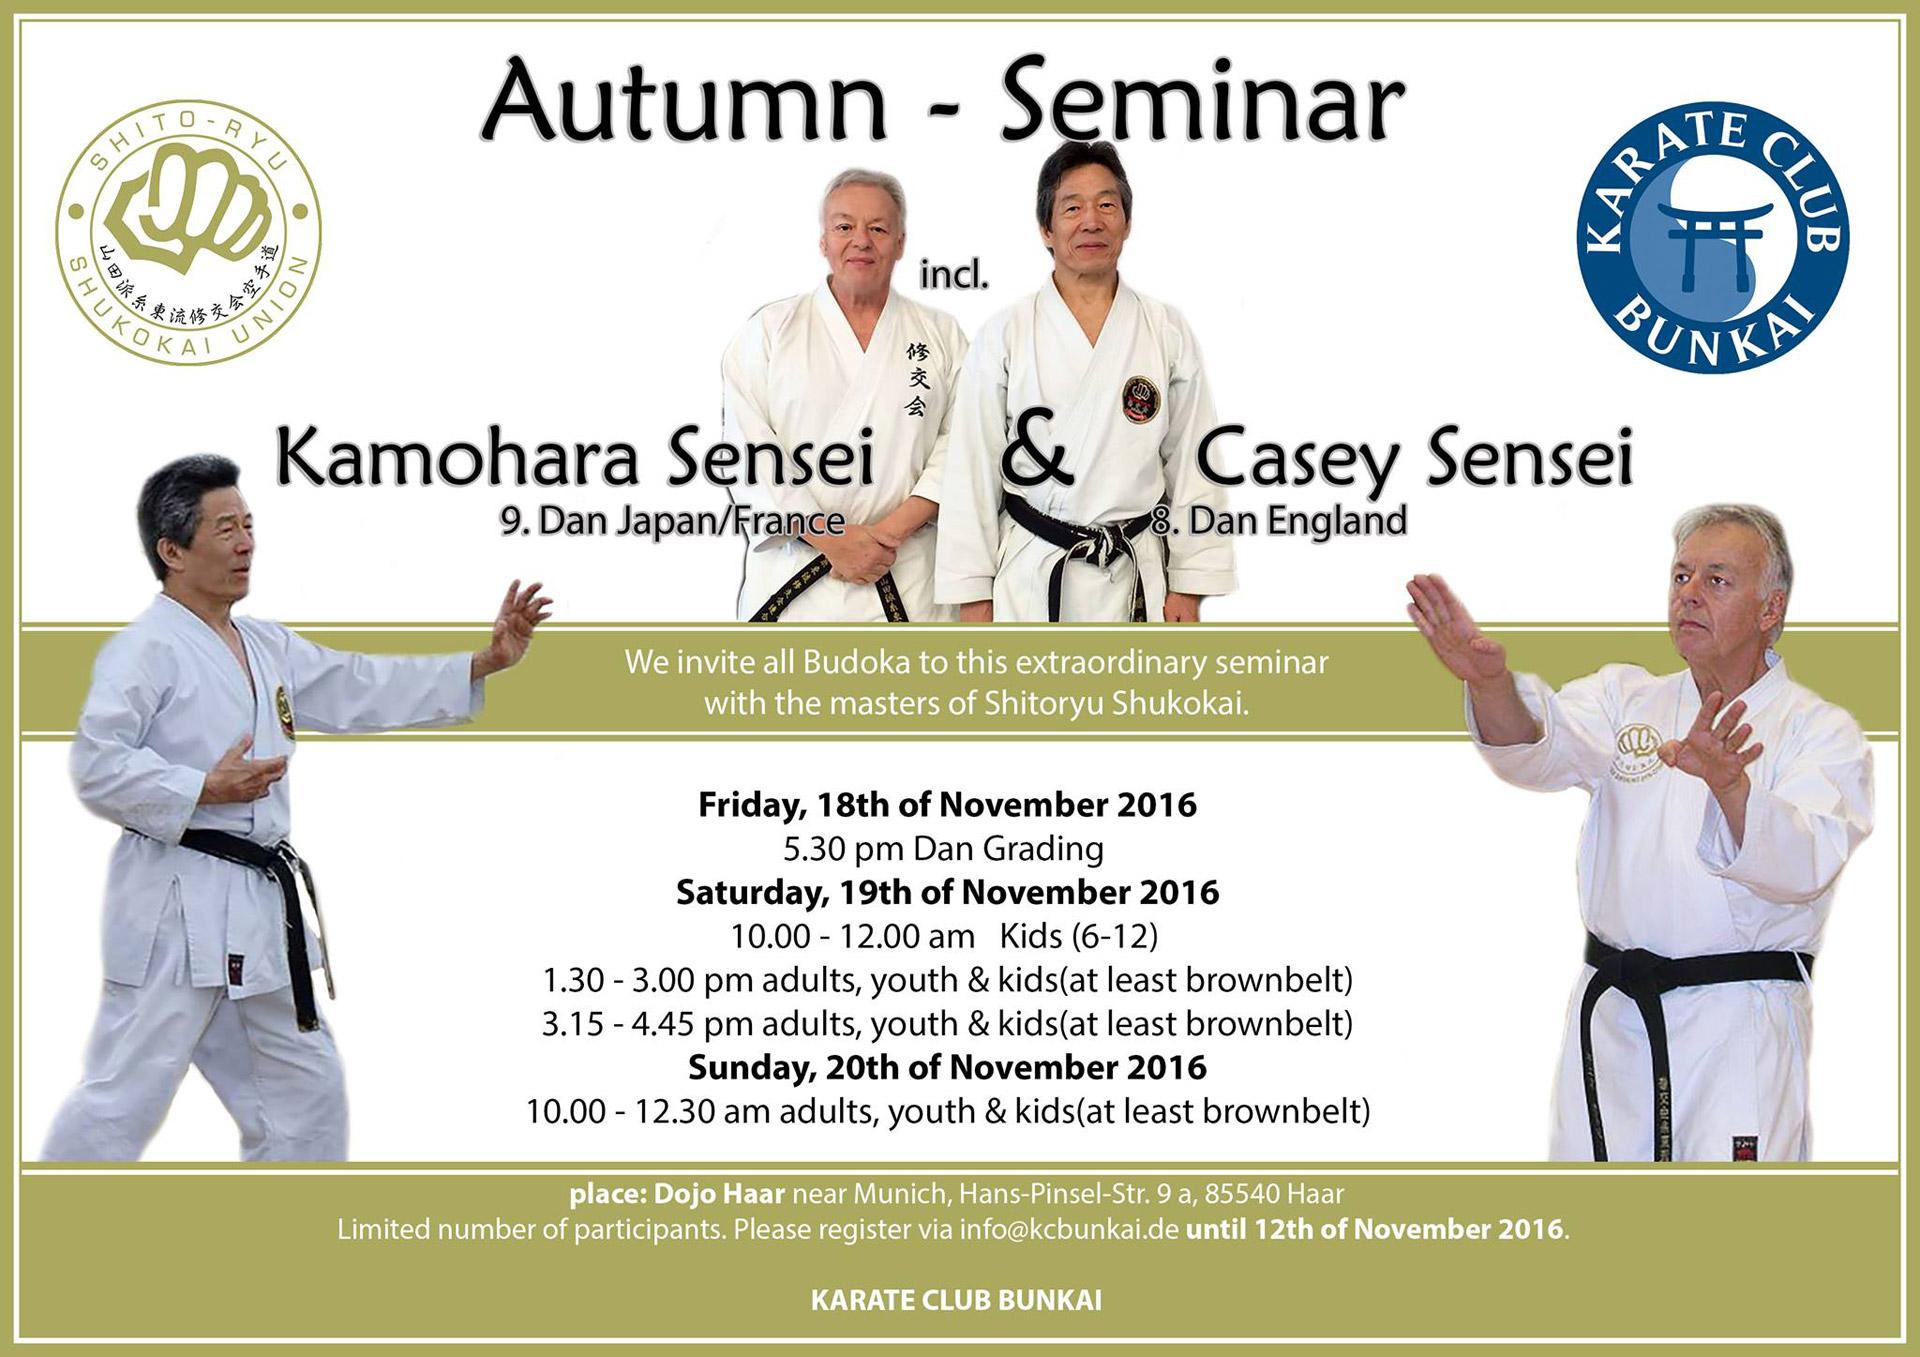 autum-seminar